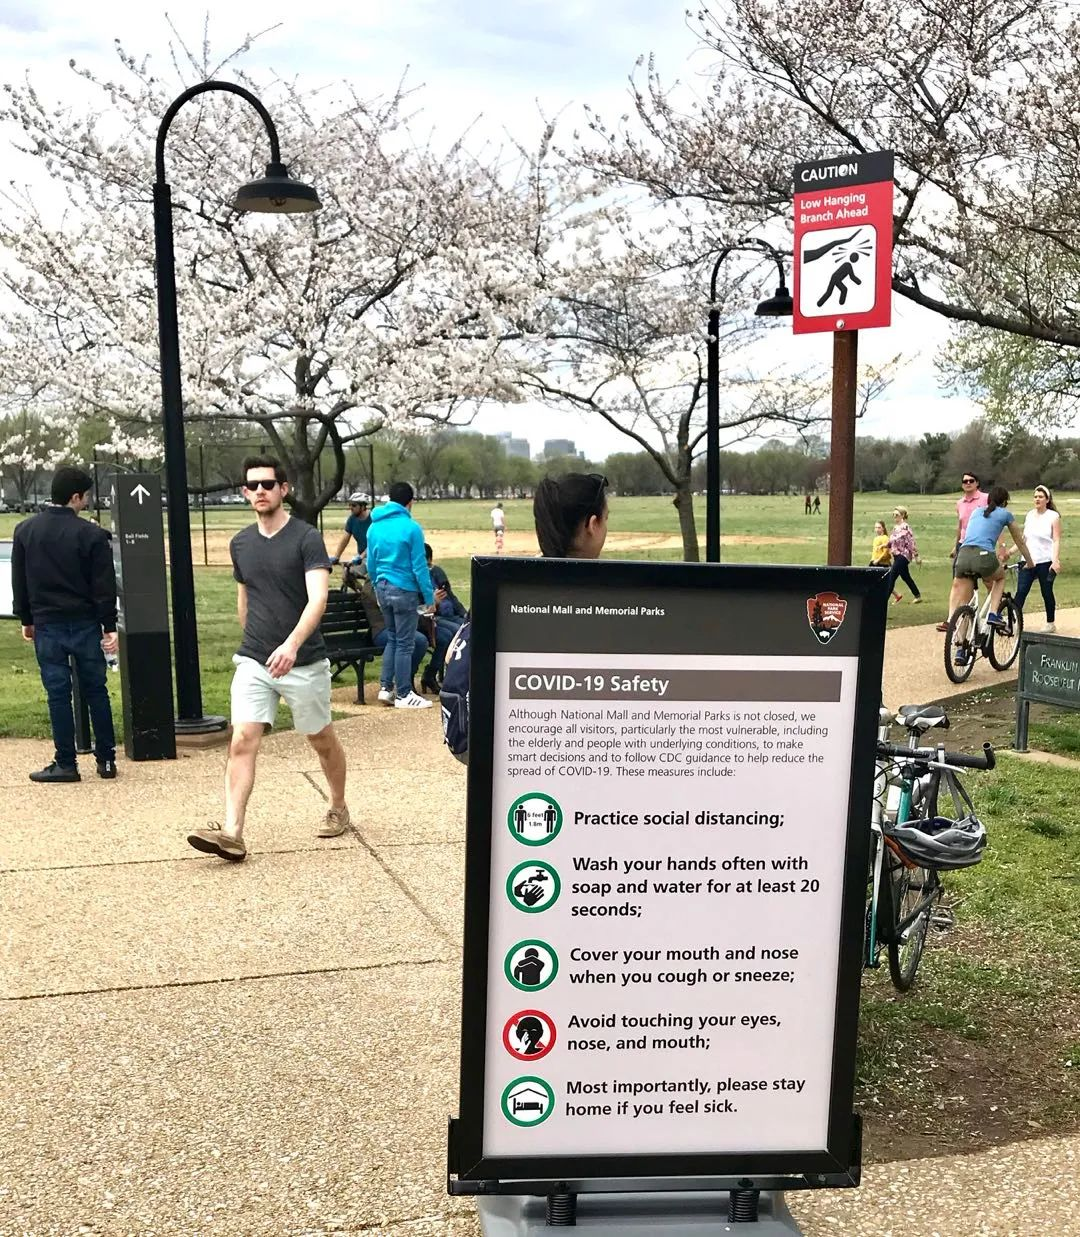 美国政府强调保持社交距离,在华盛顿的主要景点,这样的警示牌也随处可见。有数据显示,2020年美国的消费者需求将减少8000亿美元,降幅约5.5%。图:金焱